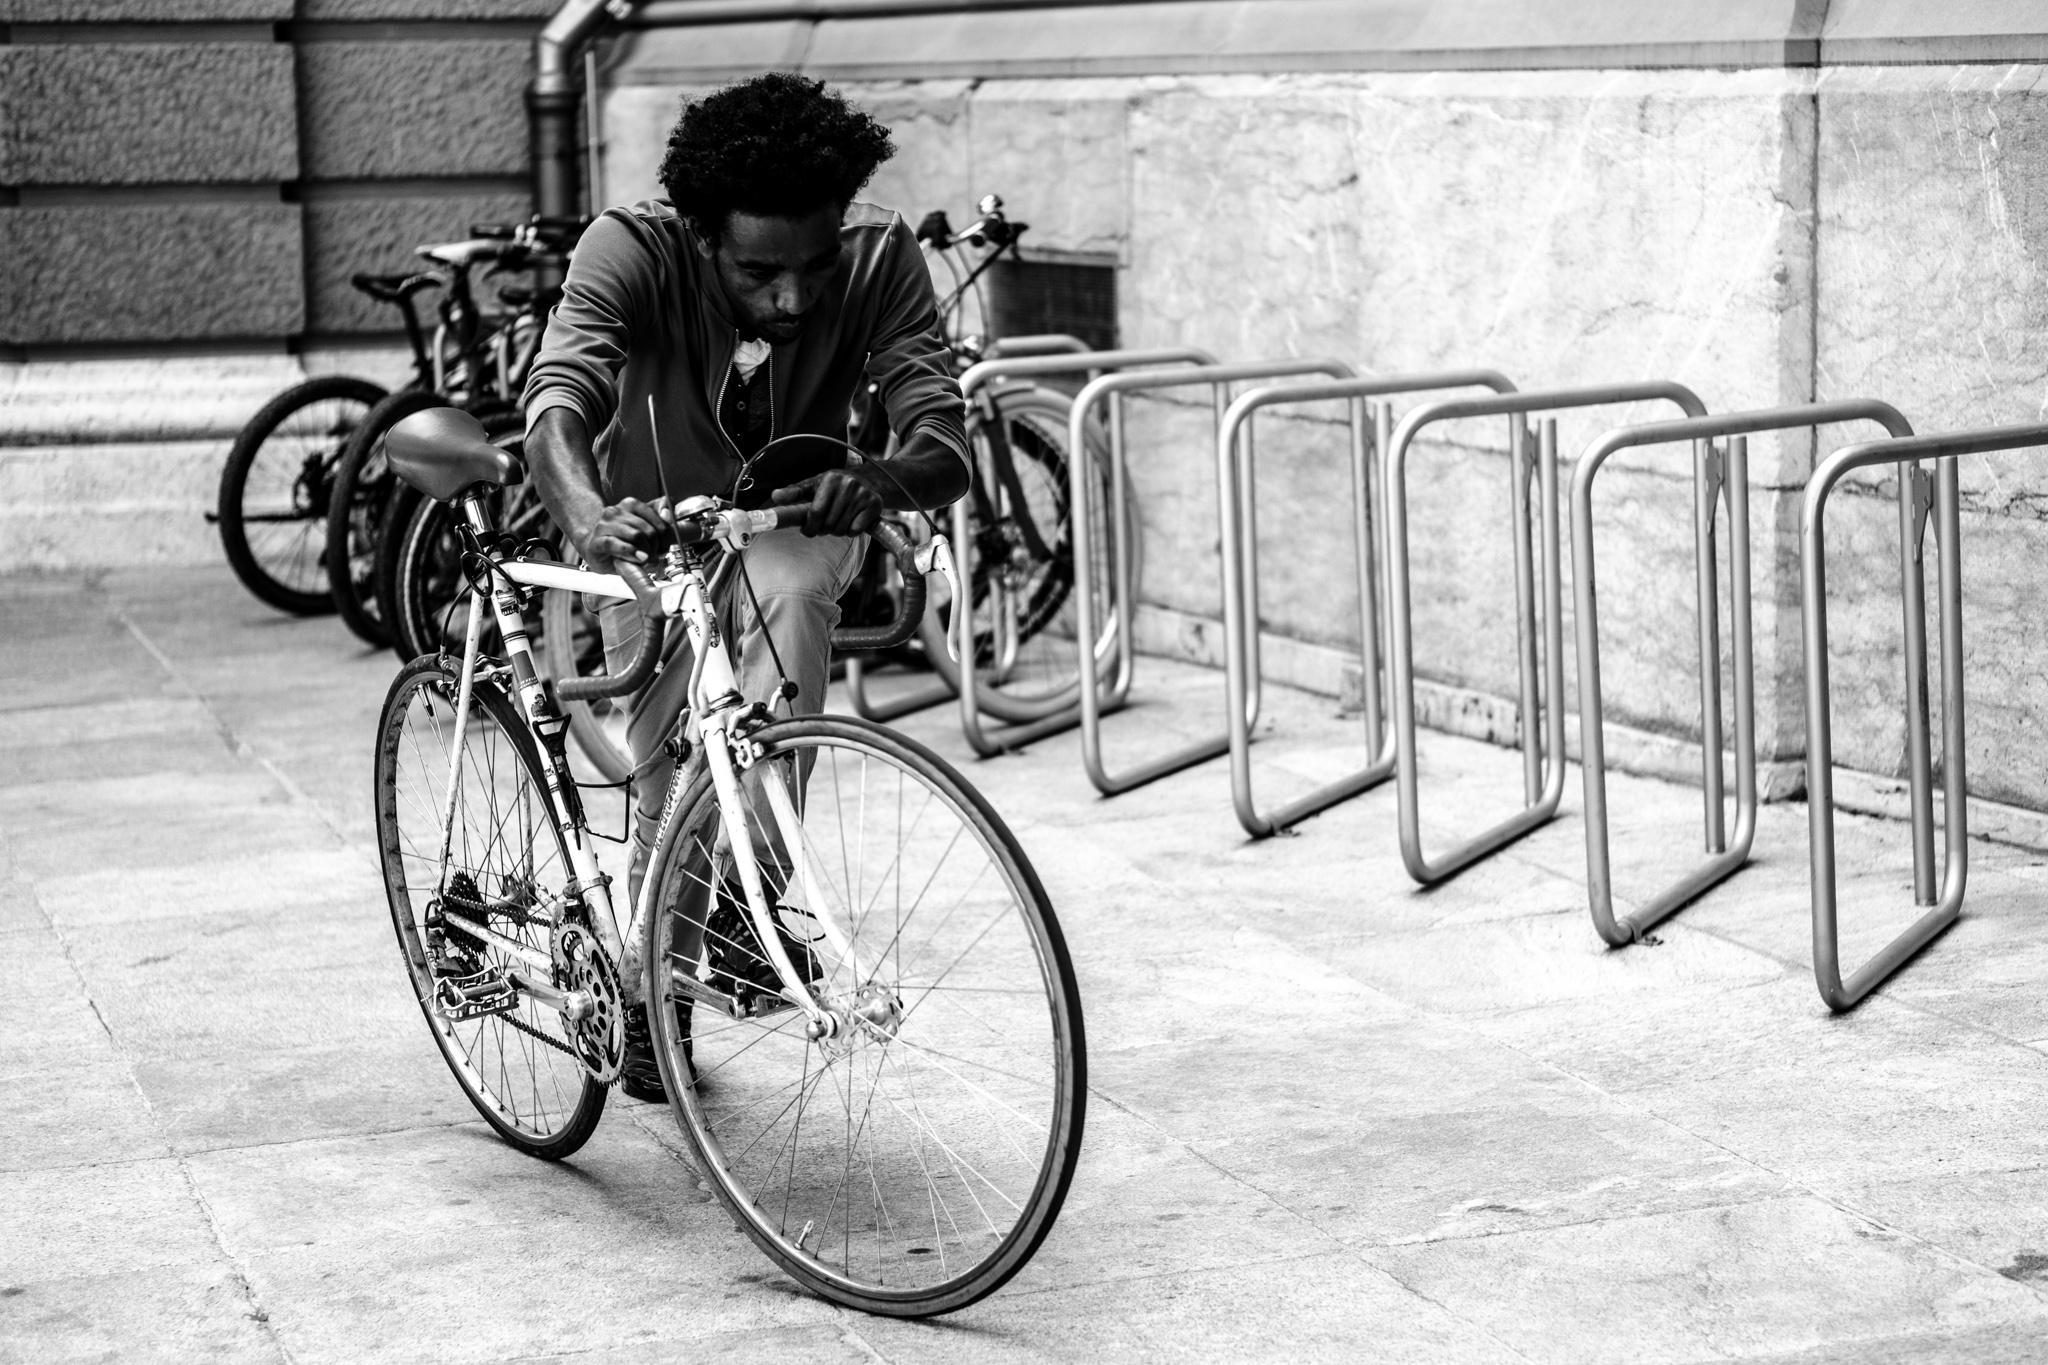 JustKeepCycling-I